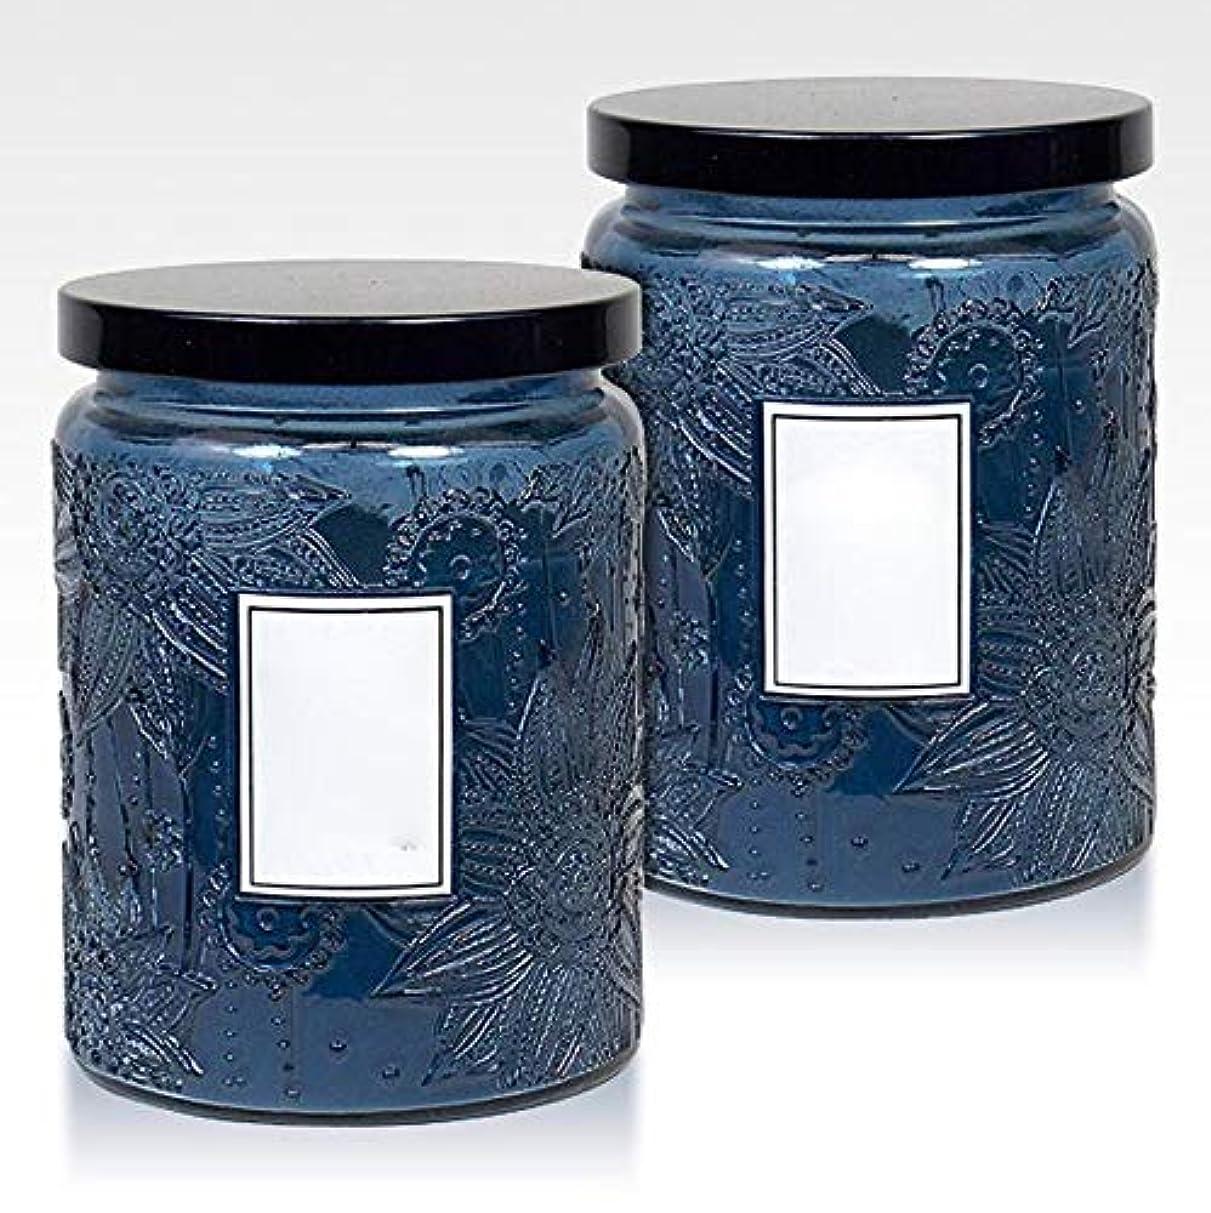 引き出すノート野な16Oz大きい缶2つの中心の香料入りの蝋燭の環境に優しい植物の精油の大豆のワックスの無煙蝋燭セット(5箱)